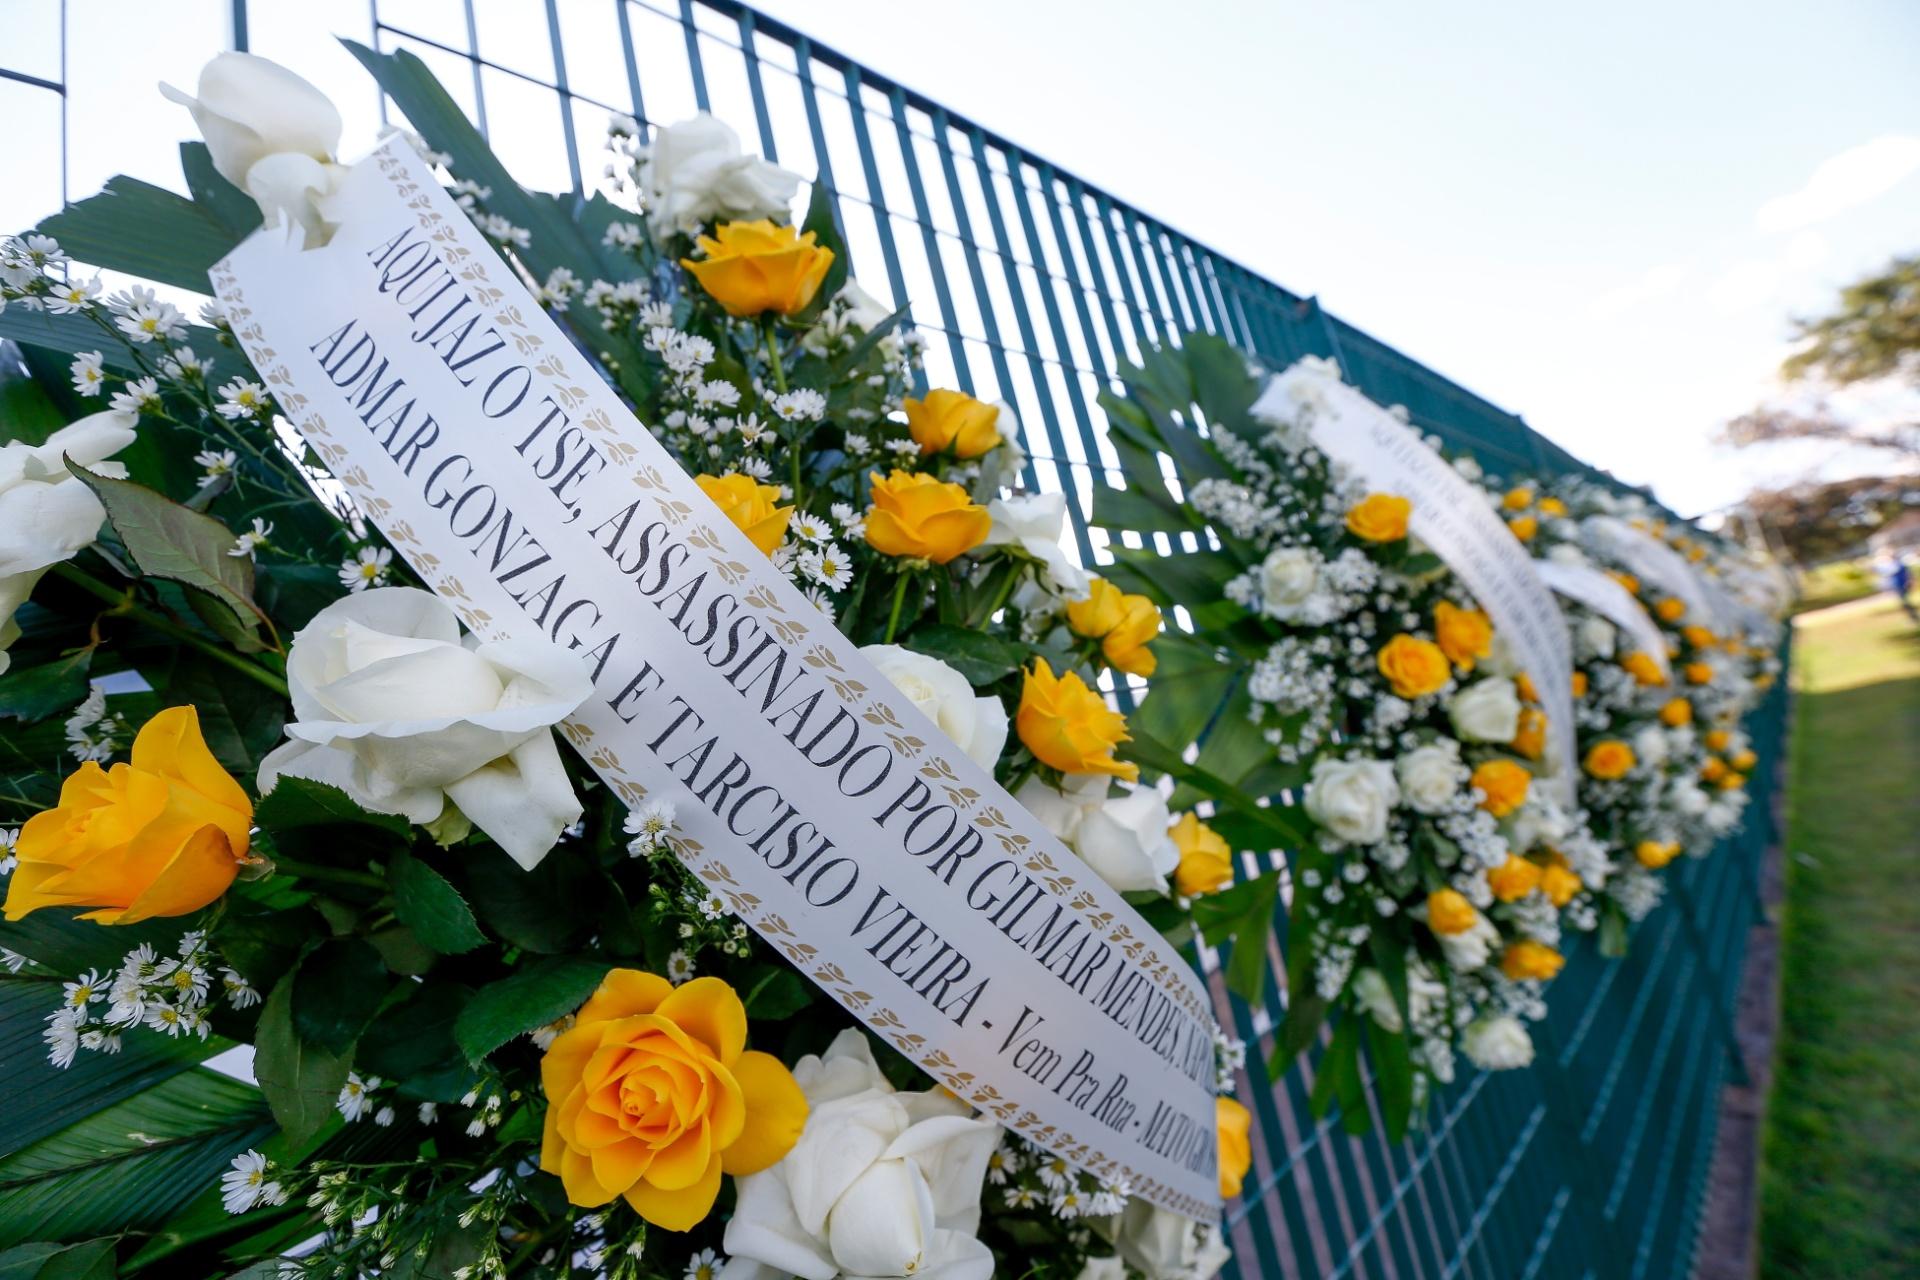 13.jun.2017 - TSE é alvo de protestos pela absolvição da chapa Dilma-Temer. Coroas de flores com nomes de ministros foram espalhadas no portão da sede em Brasília